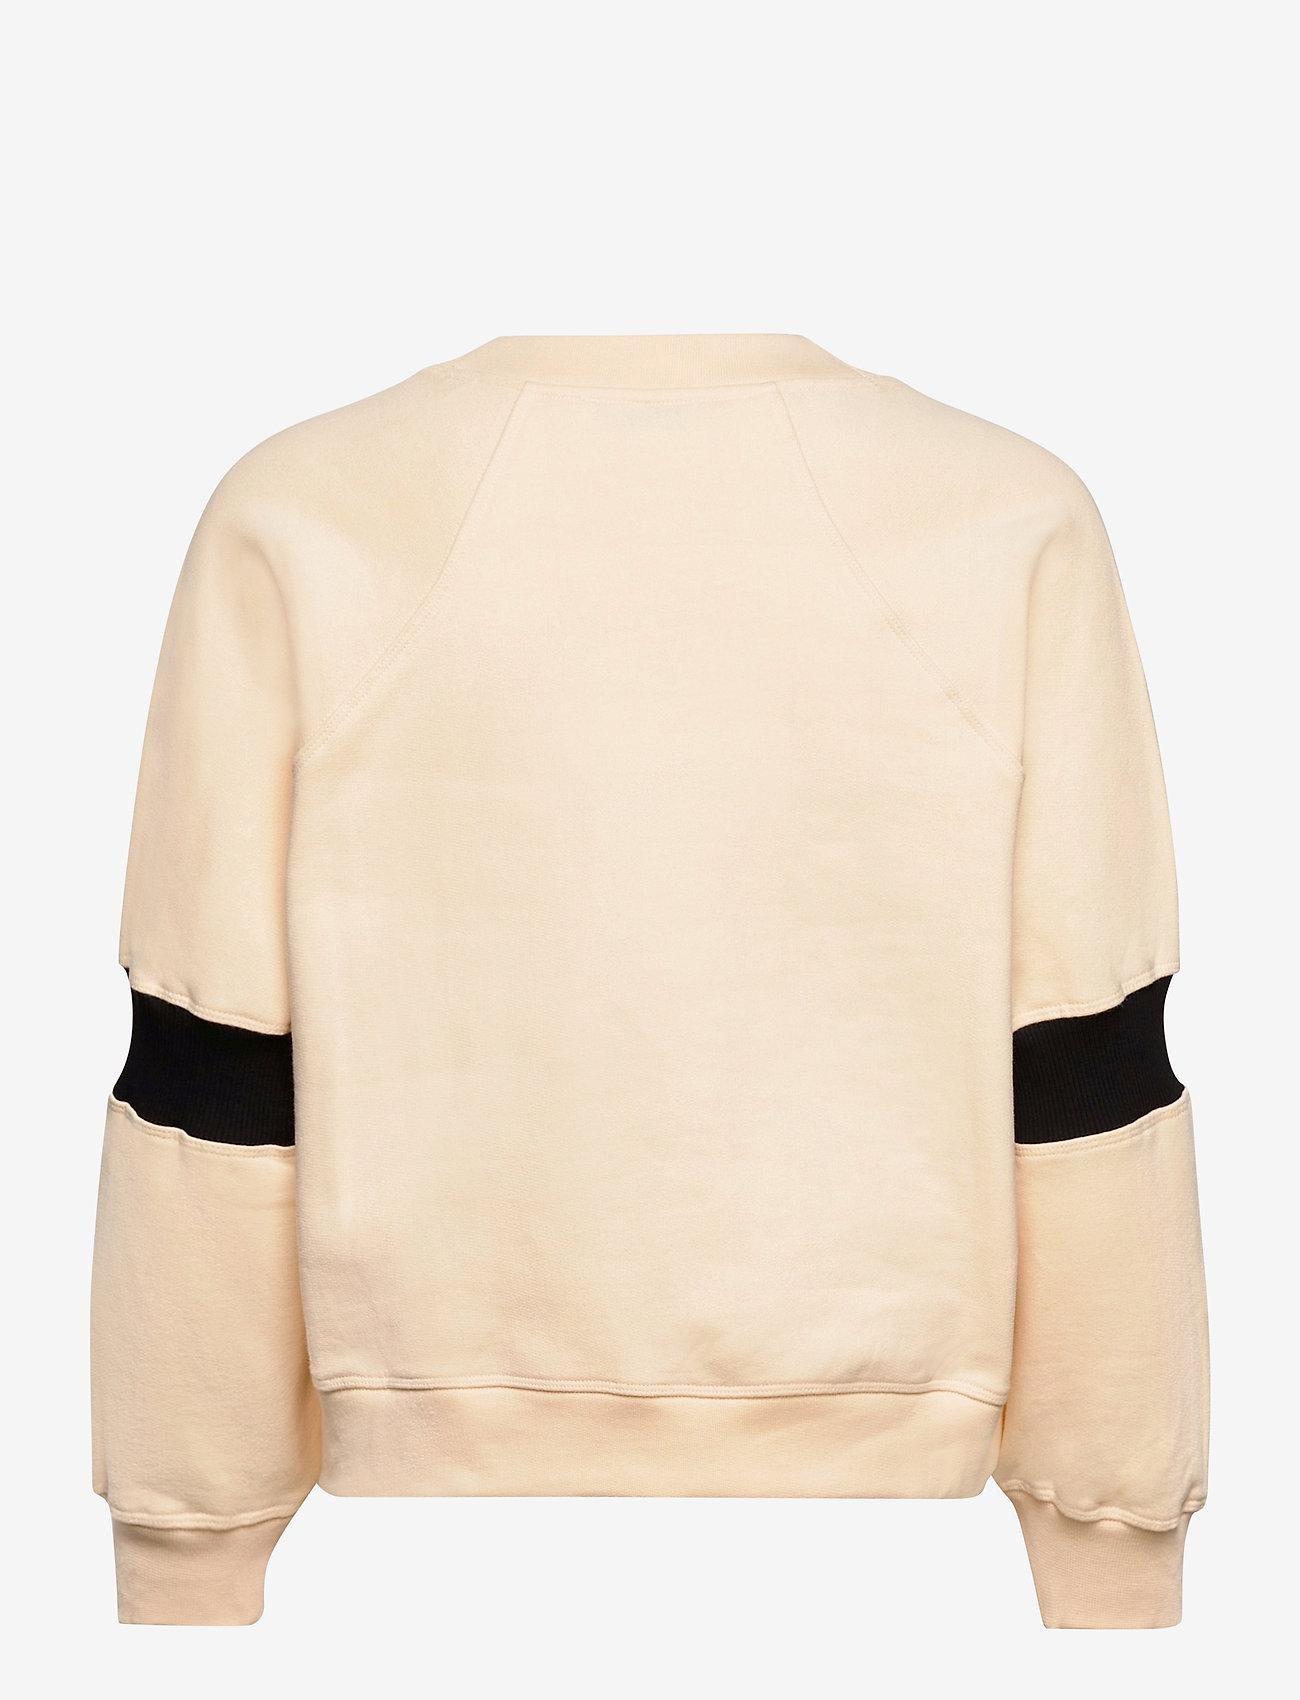 RODEBJER - RODEBJER JALENA - sweatshirts & hættetrøjer - ceramic white - 1